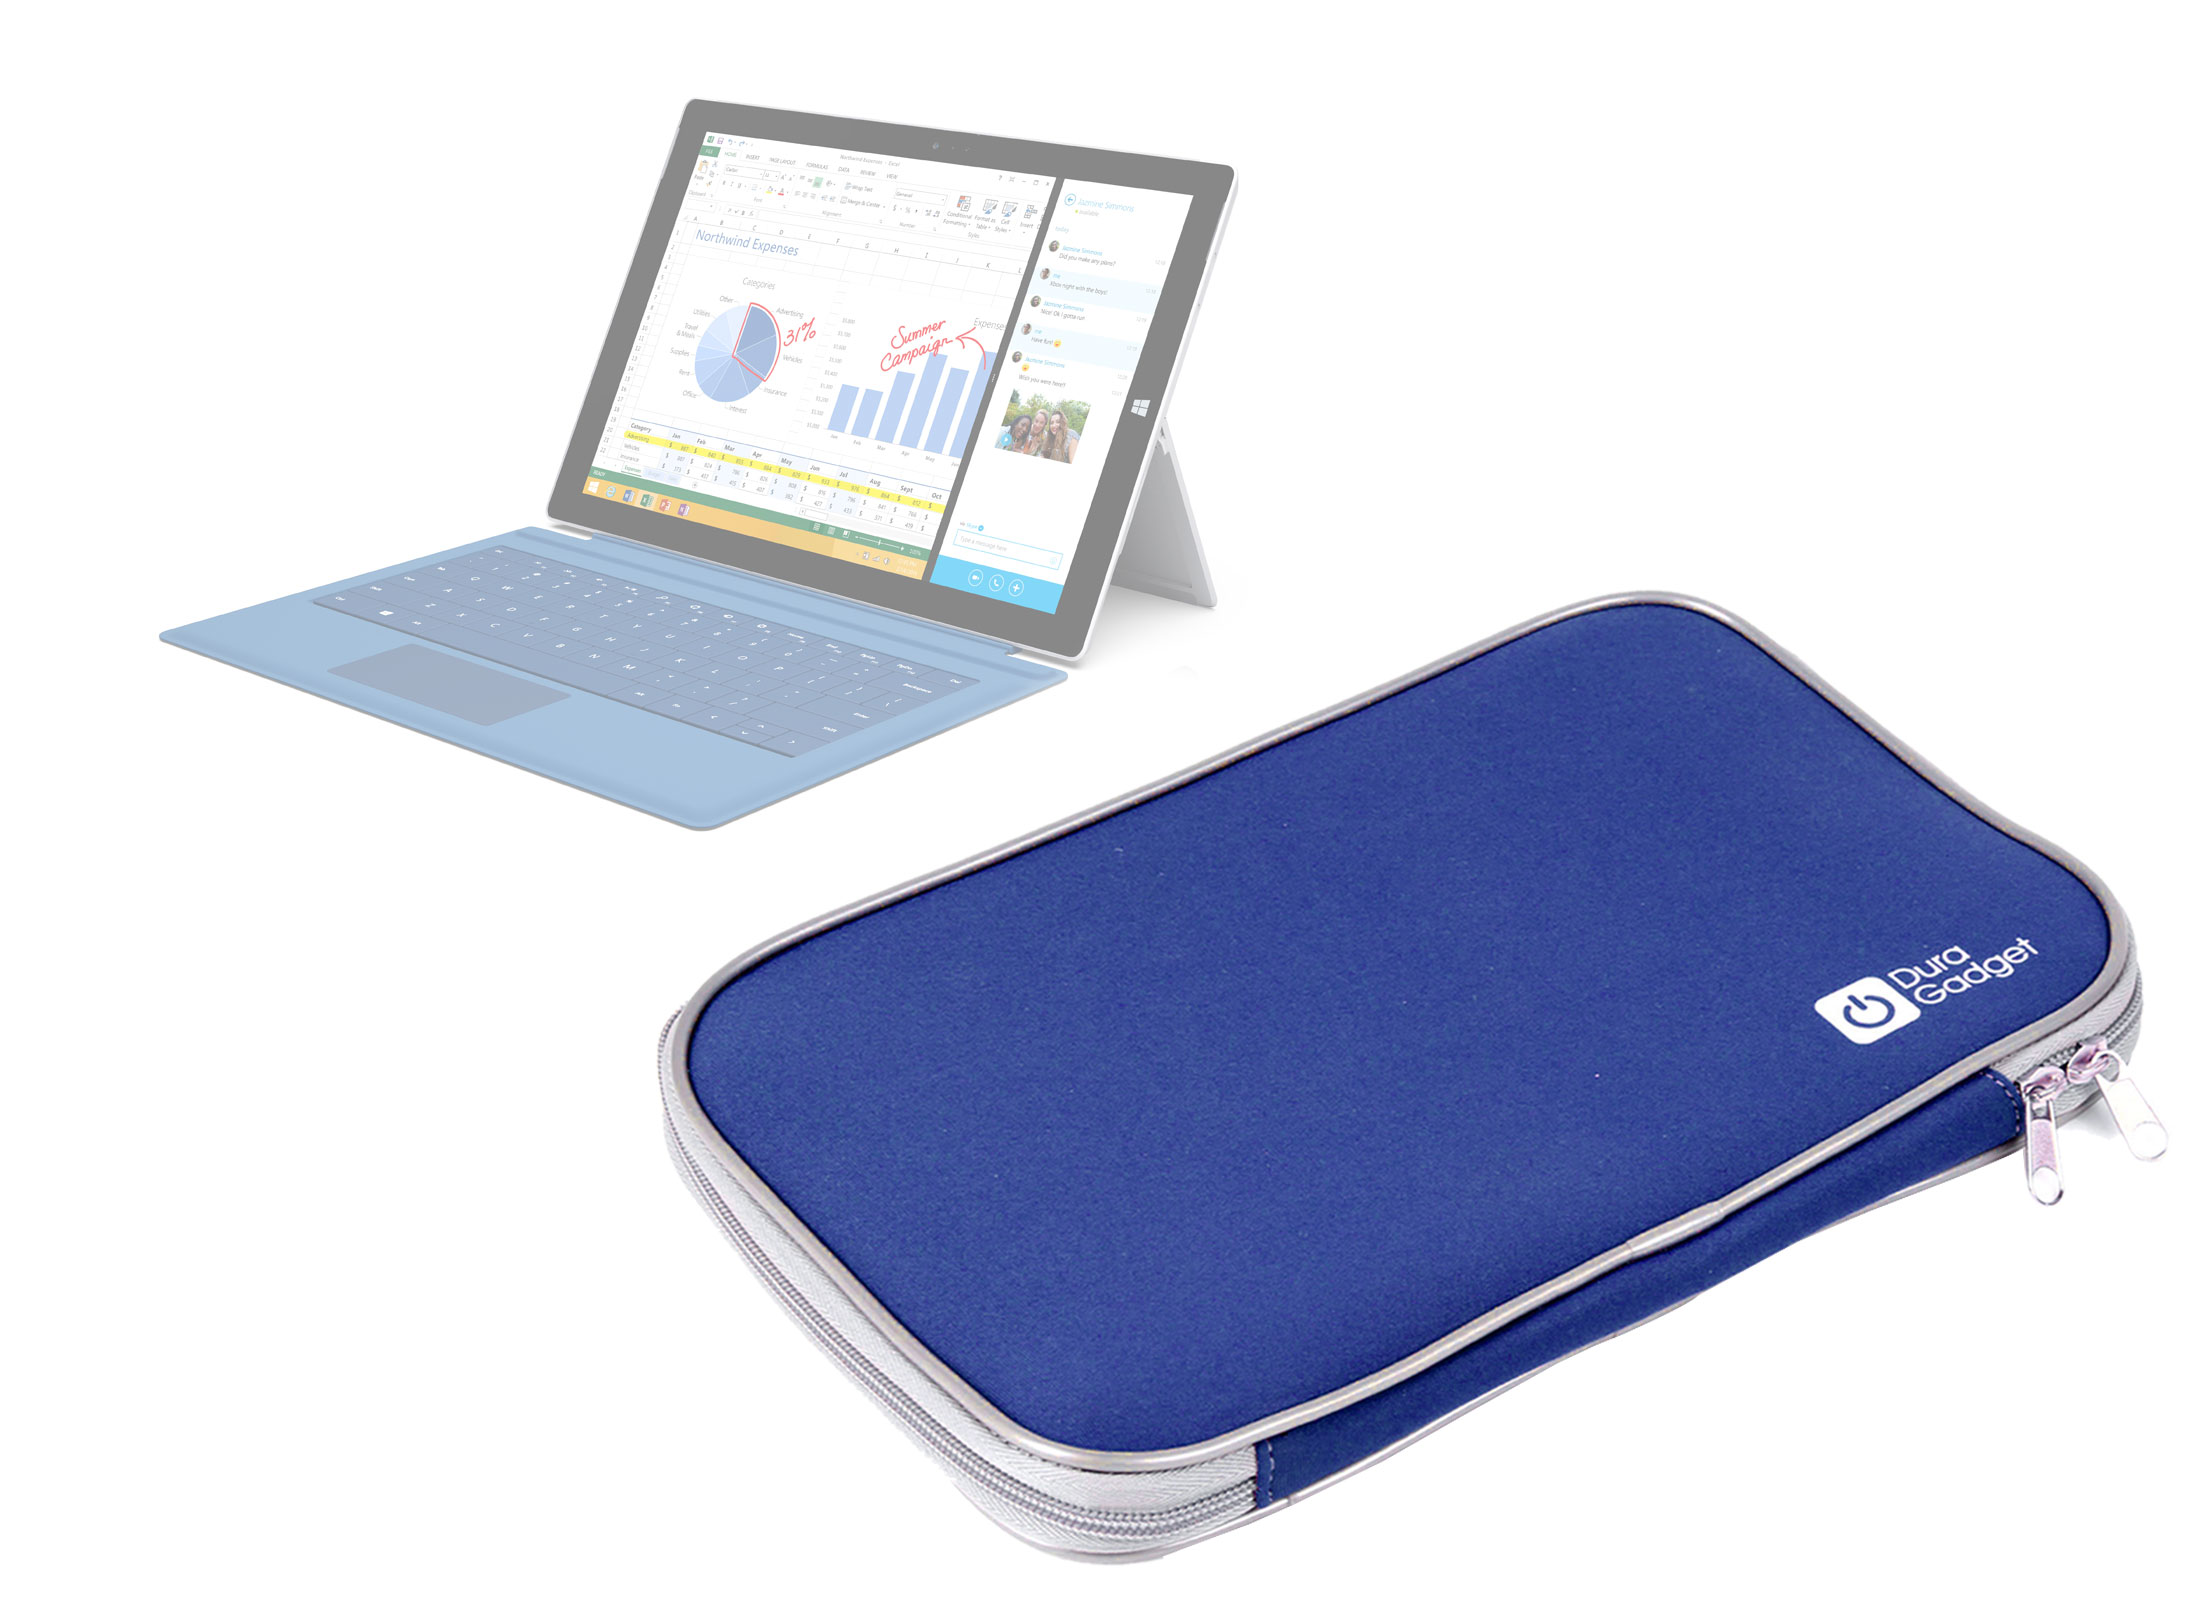 housse 233 tui bleu pour tablette ordinateur microsoft surface pro 3 12 pouces ebay